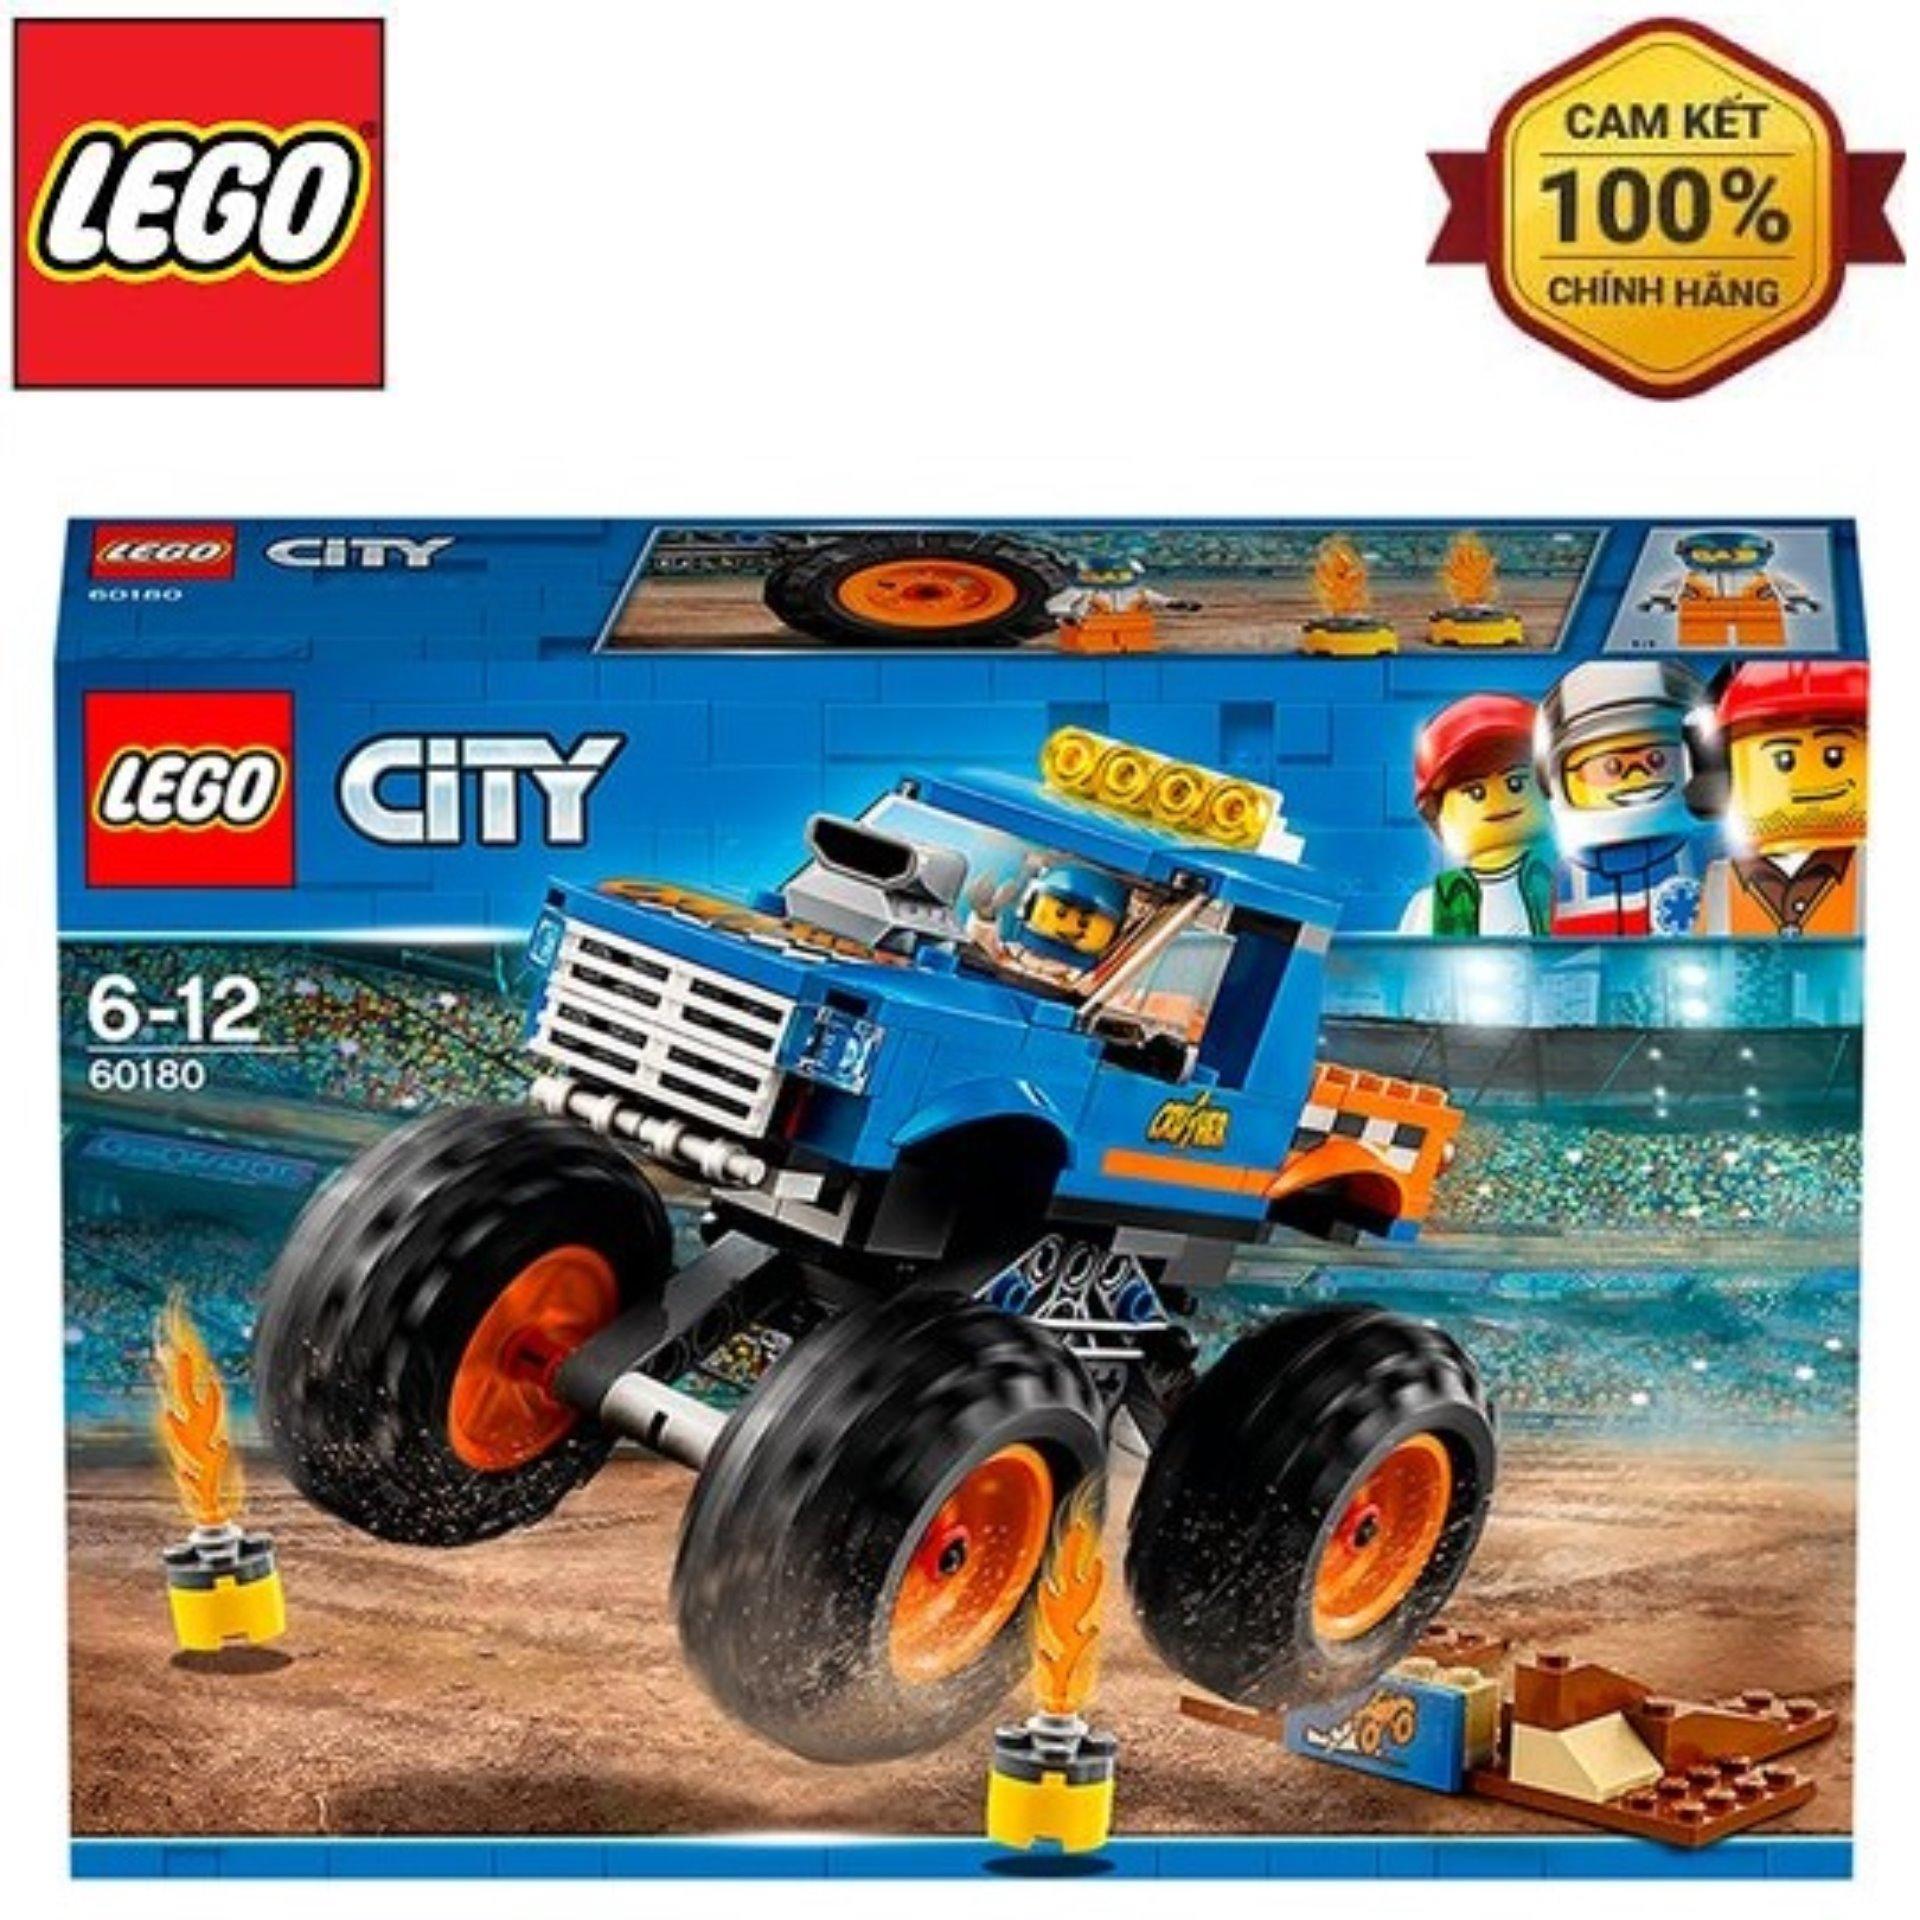 Mô Hình Lắp Ráp Lego City Xe Tải Quái Vật 60180 Giảm Giá Khủng